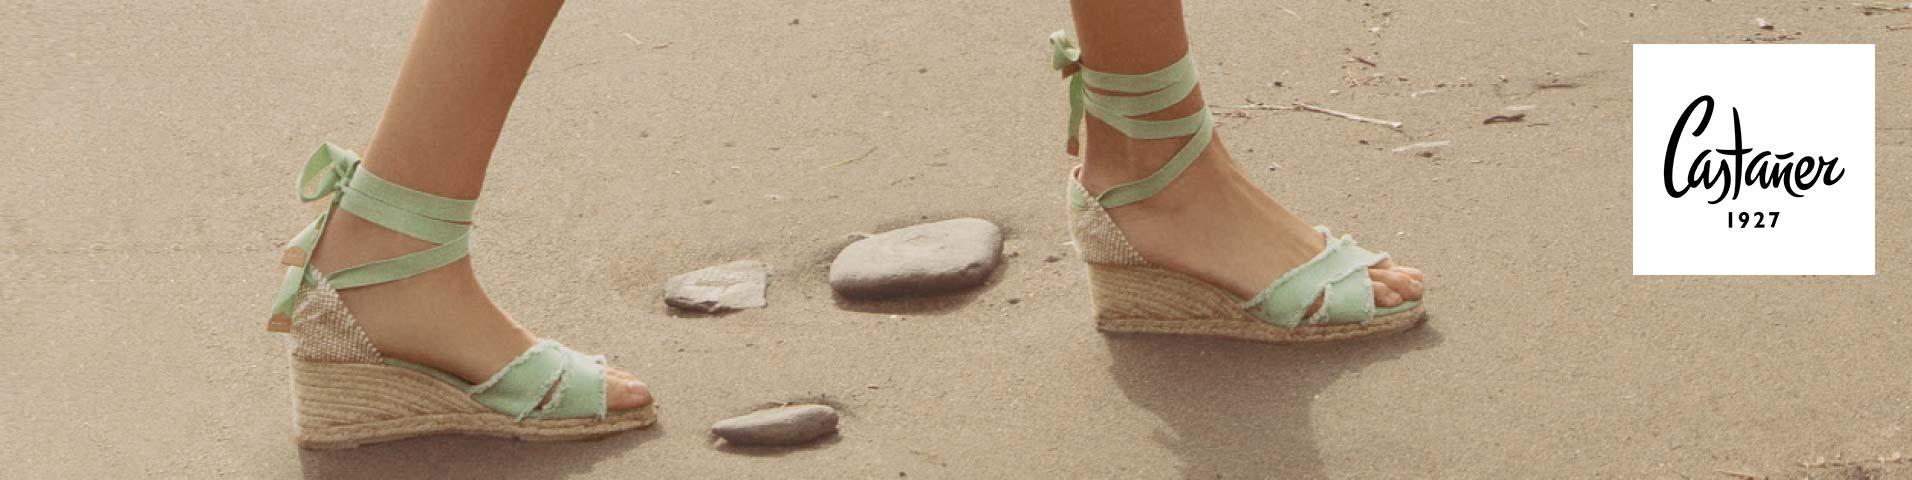 Zalando schoenen dames Schoenen kopen   BESLIST.be   Lage